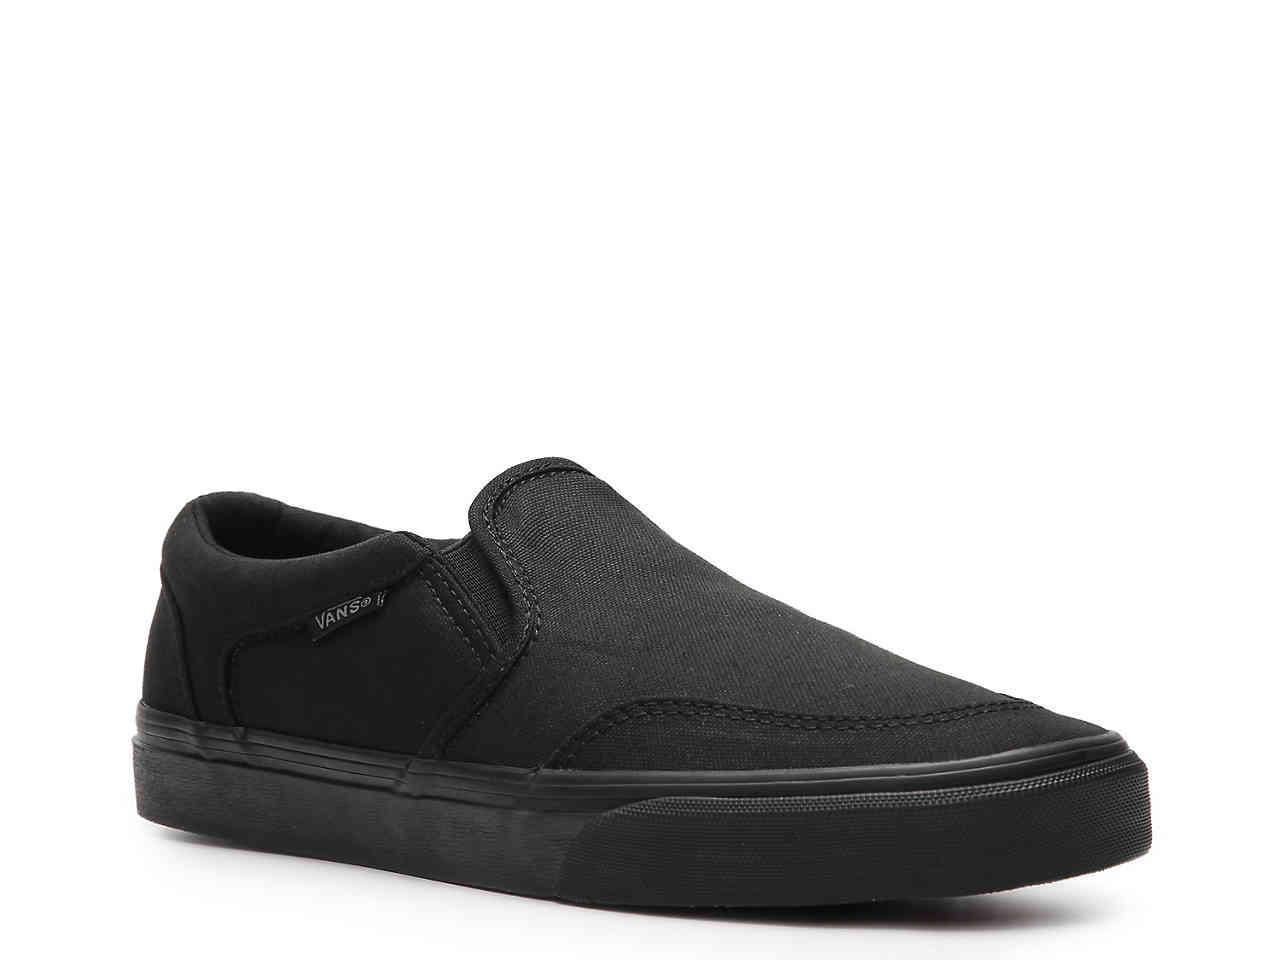 6d6747270dd575 Vans - Black Asher Slip-on Sneaker for Men - Lyst. View fullscreen